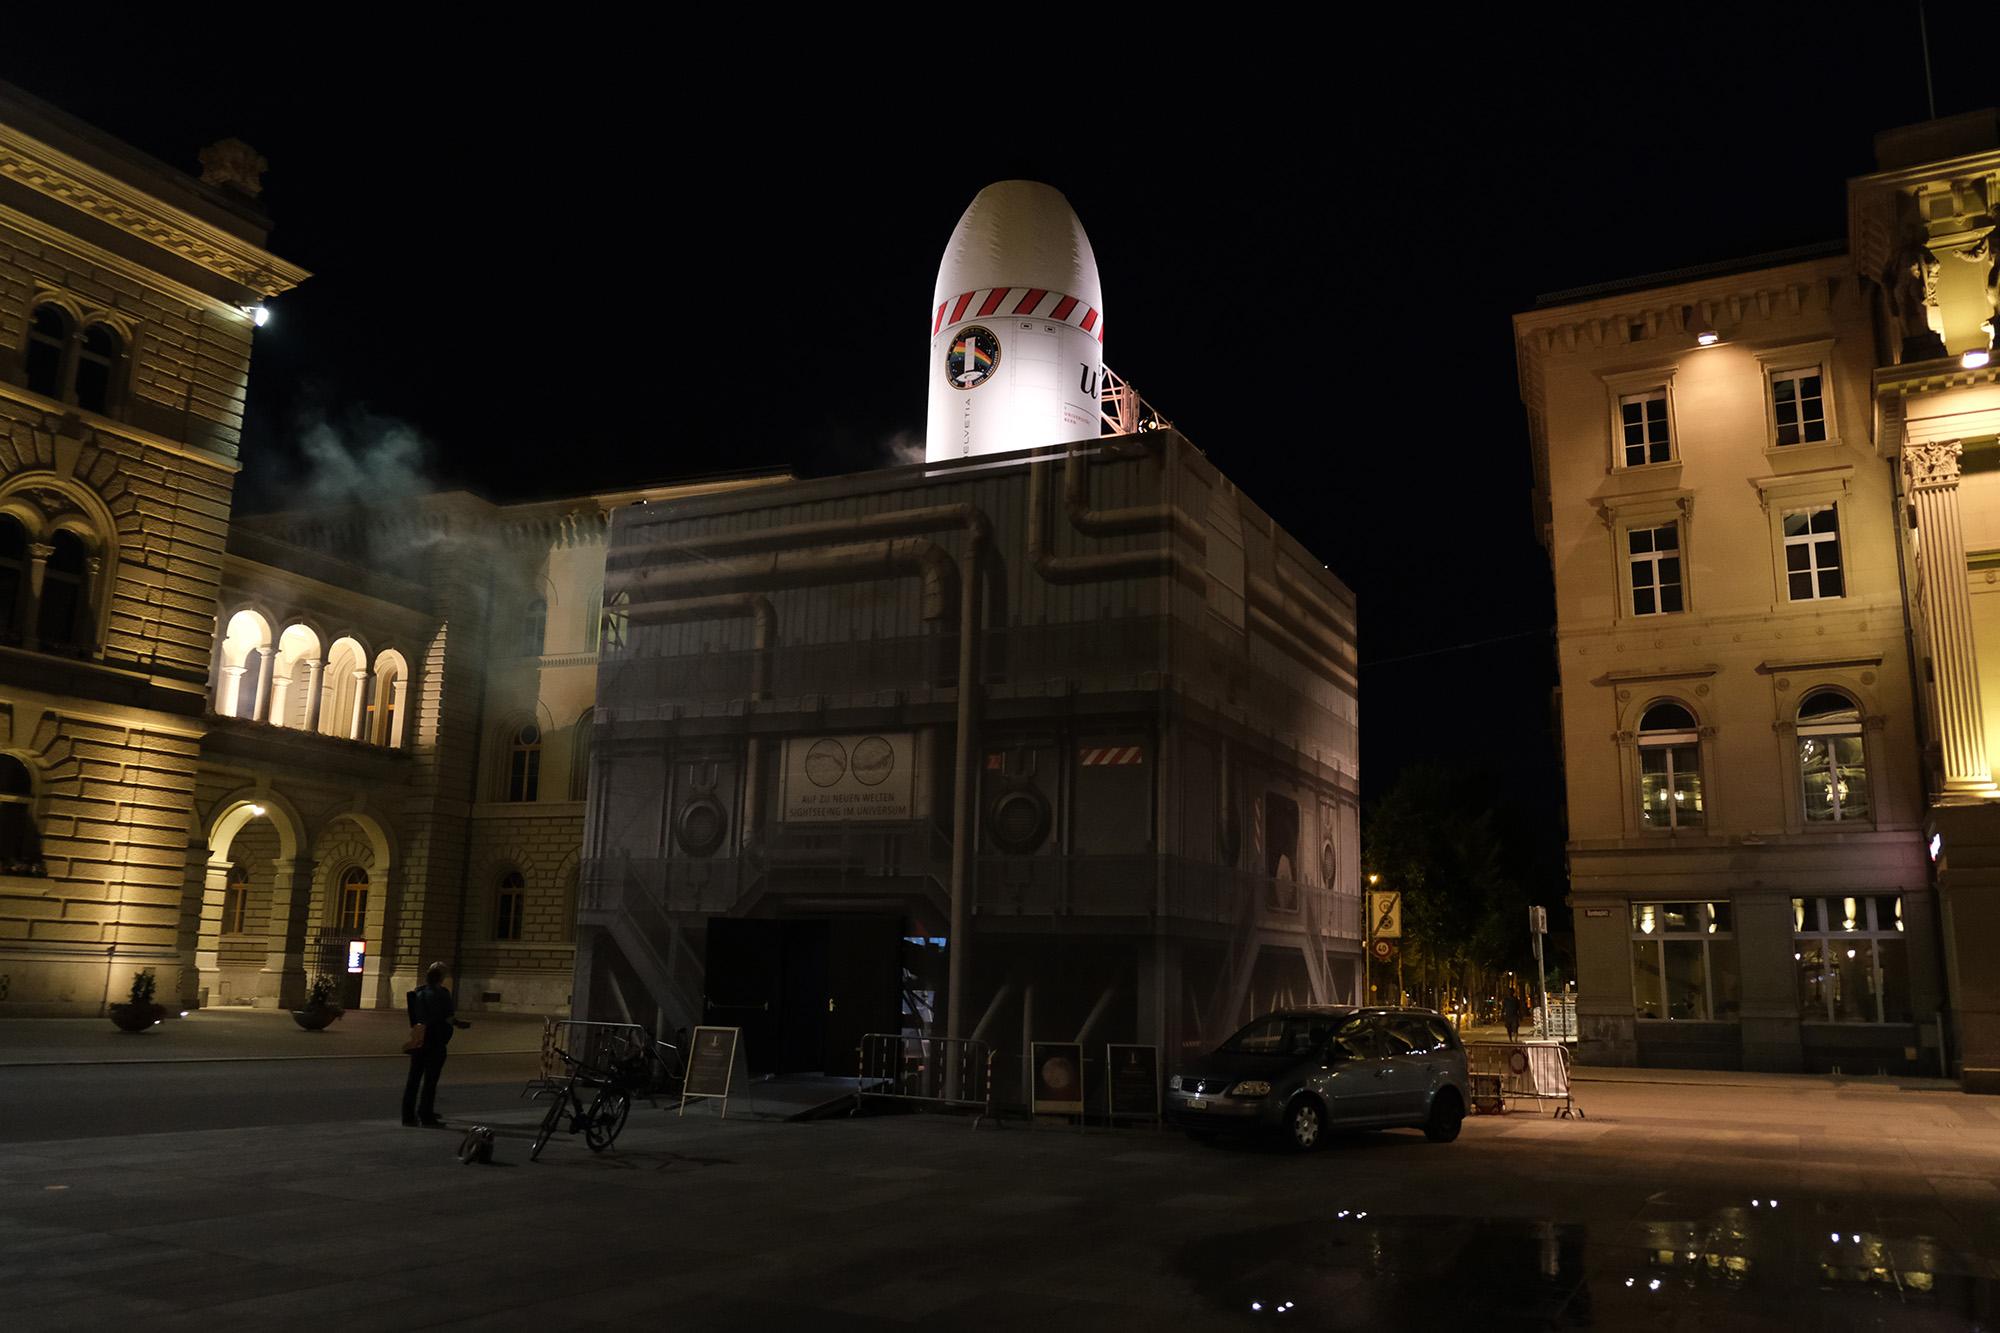 Raketenkubus bei Nacht. © Universität Bern